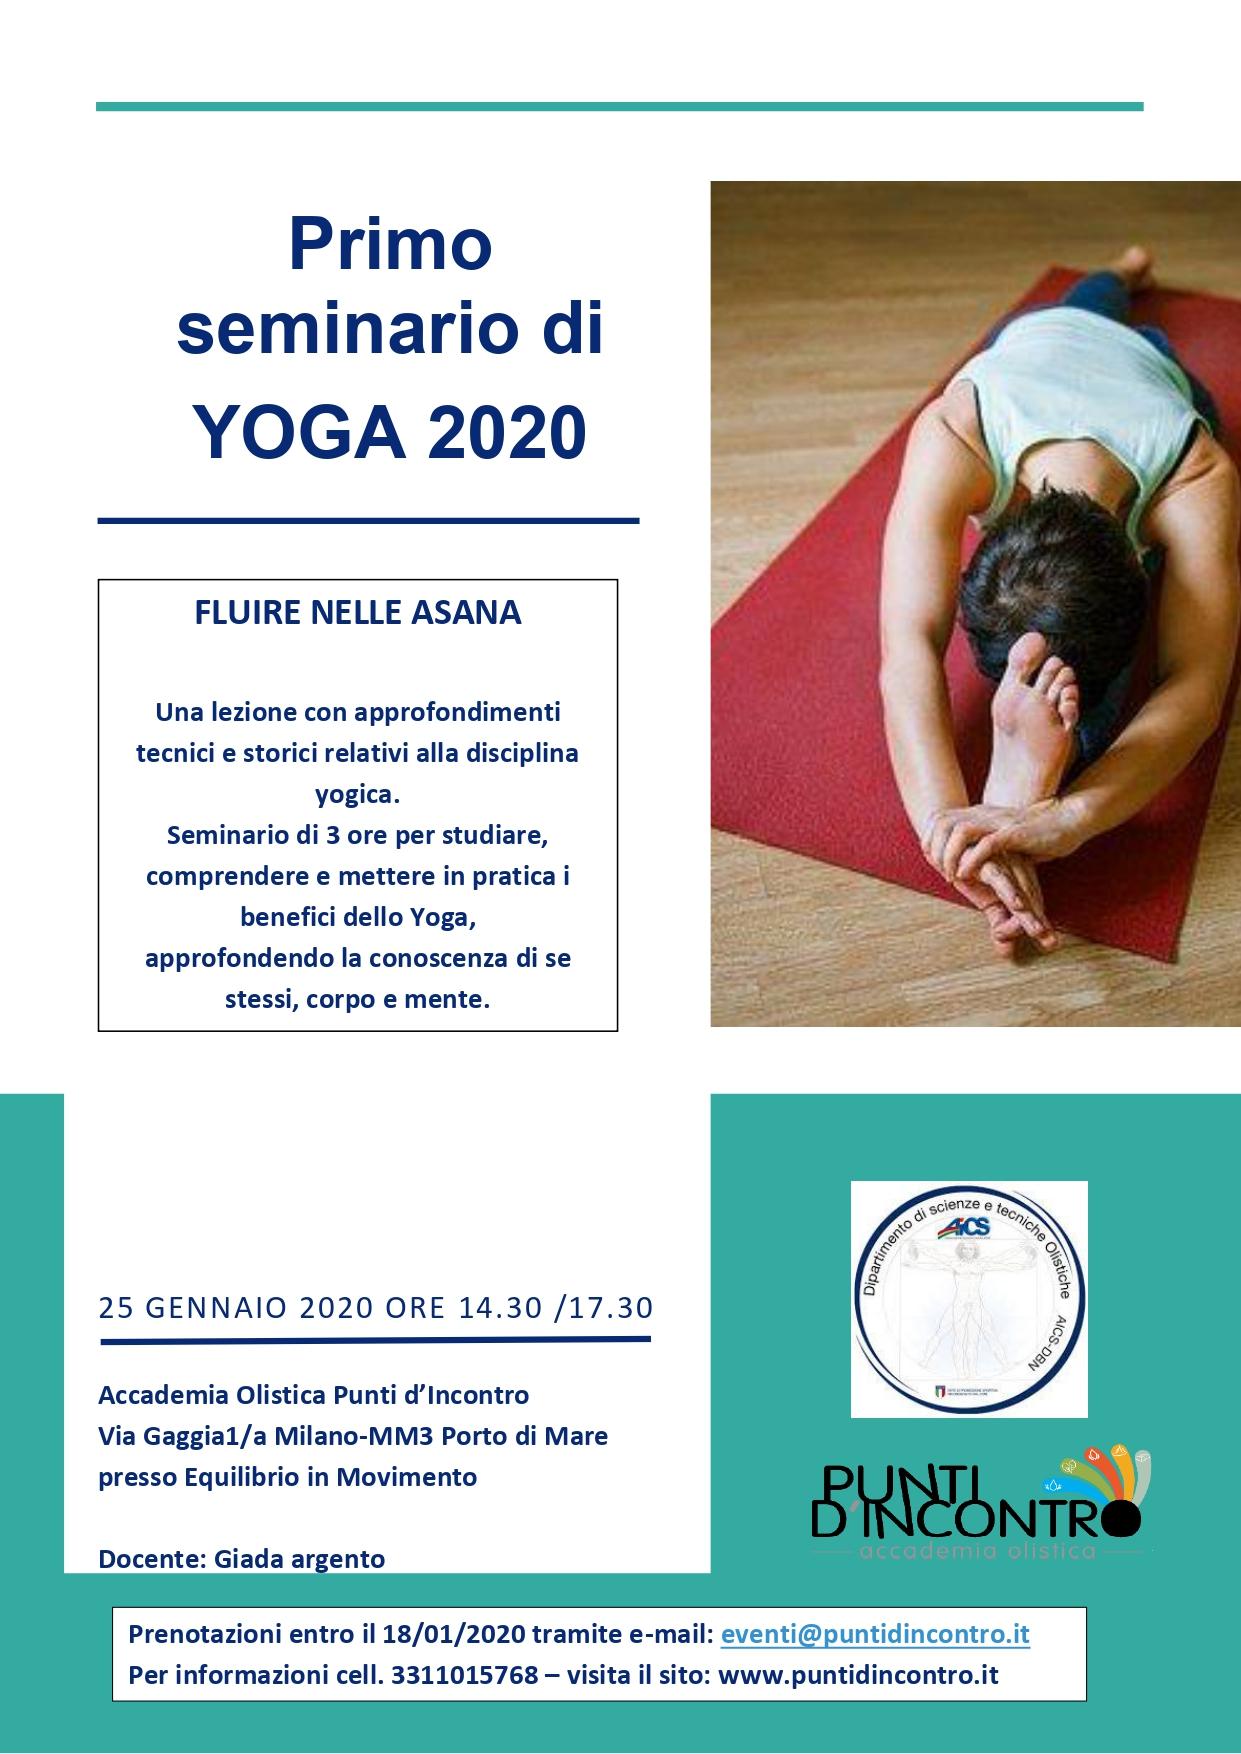 Primo seminario di Yoga: Fluire nelle Asana